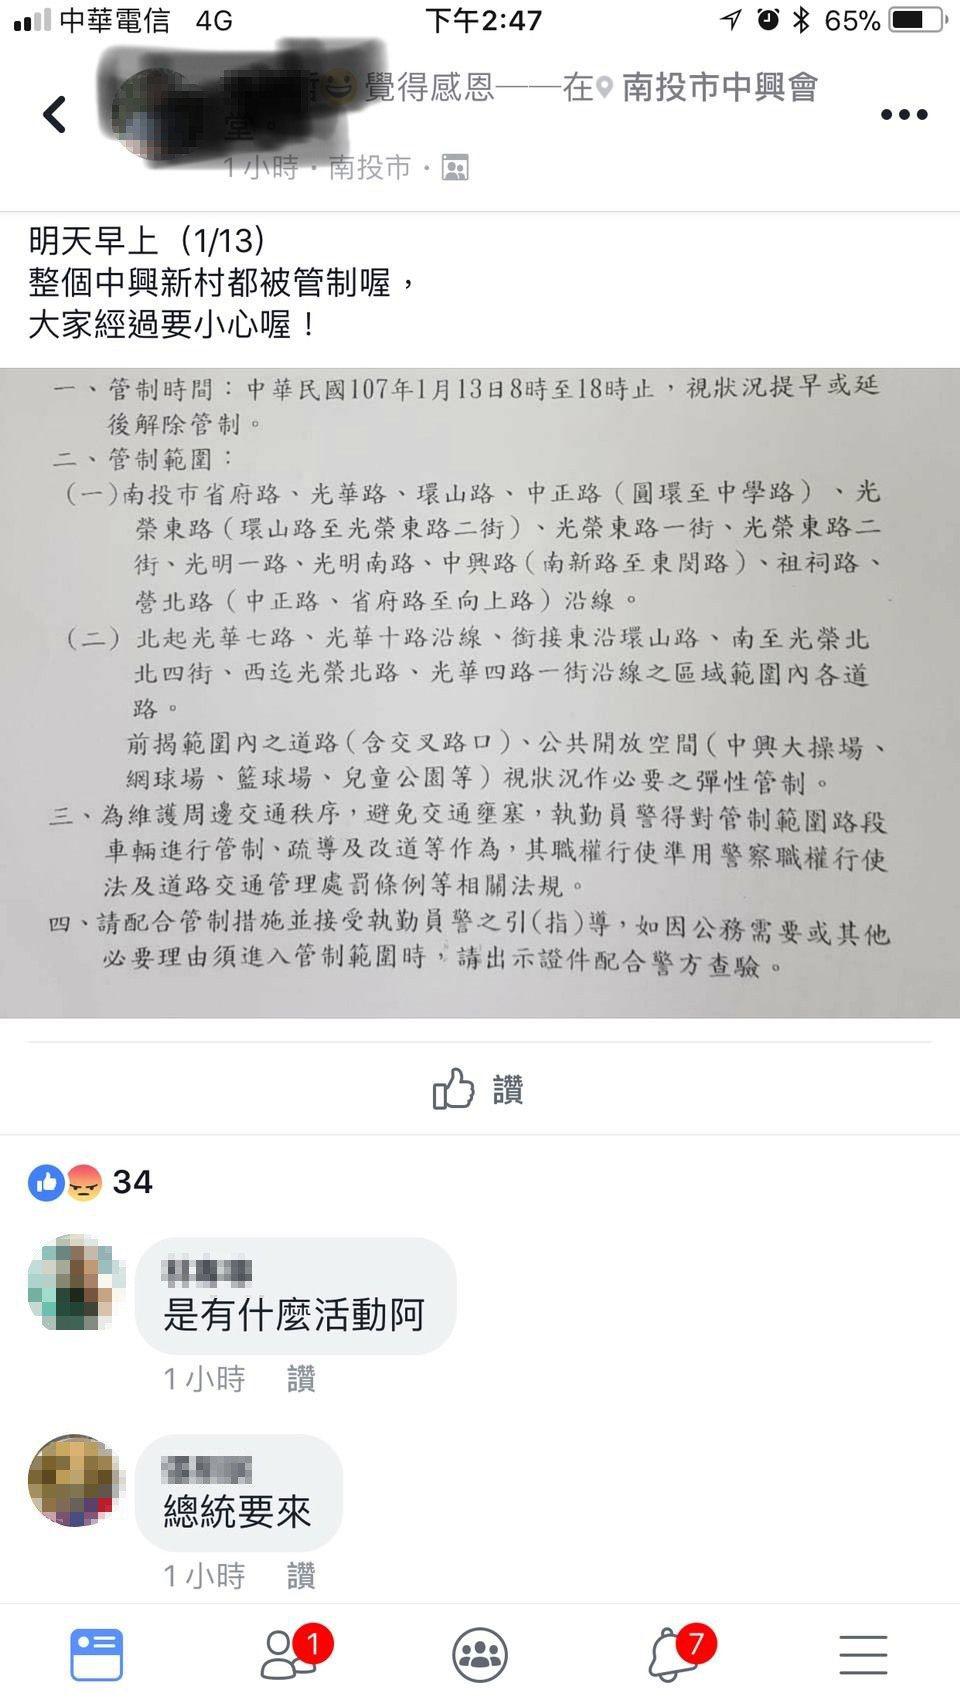 蔡英文總統明天到中興新村,警方管制範圍,比總統府的管制區還大。圖/攝自臉書